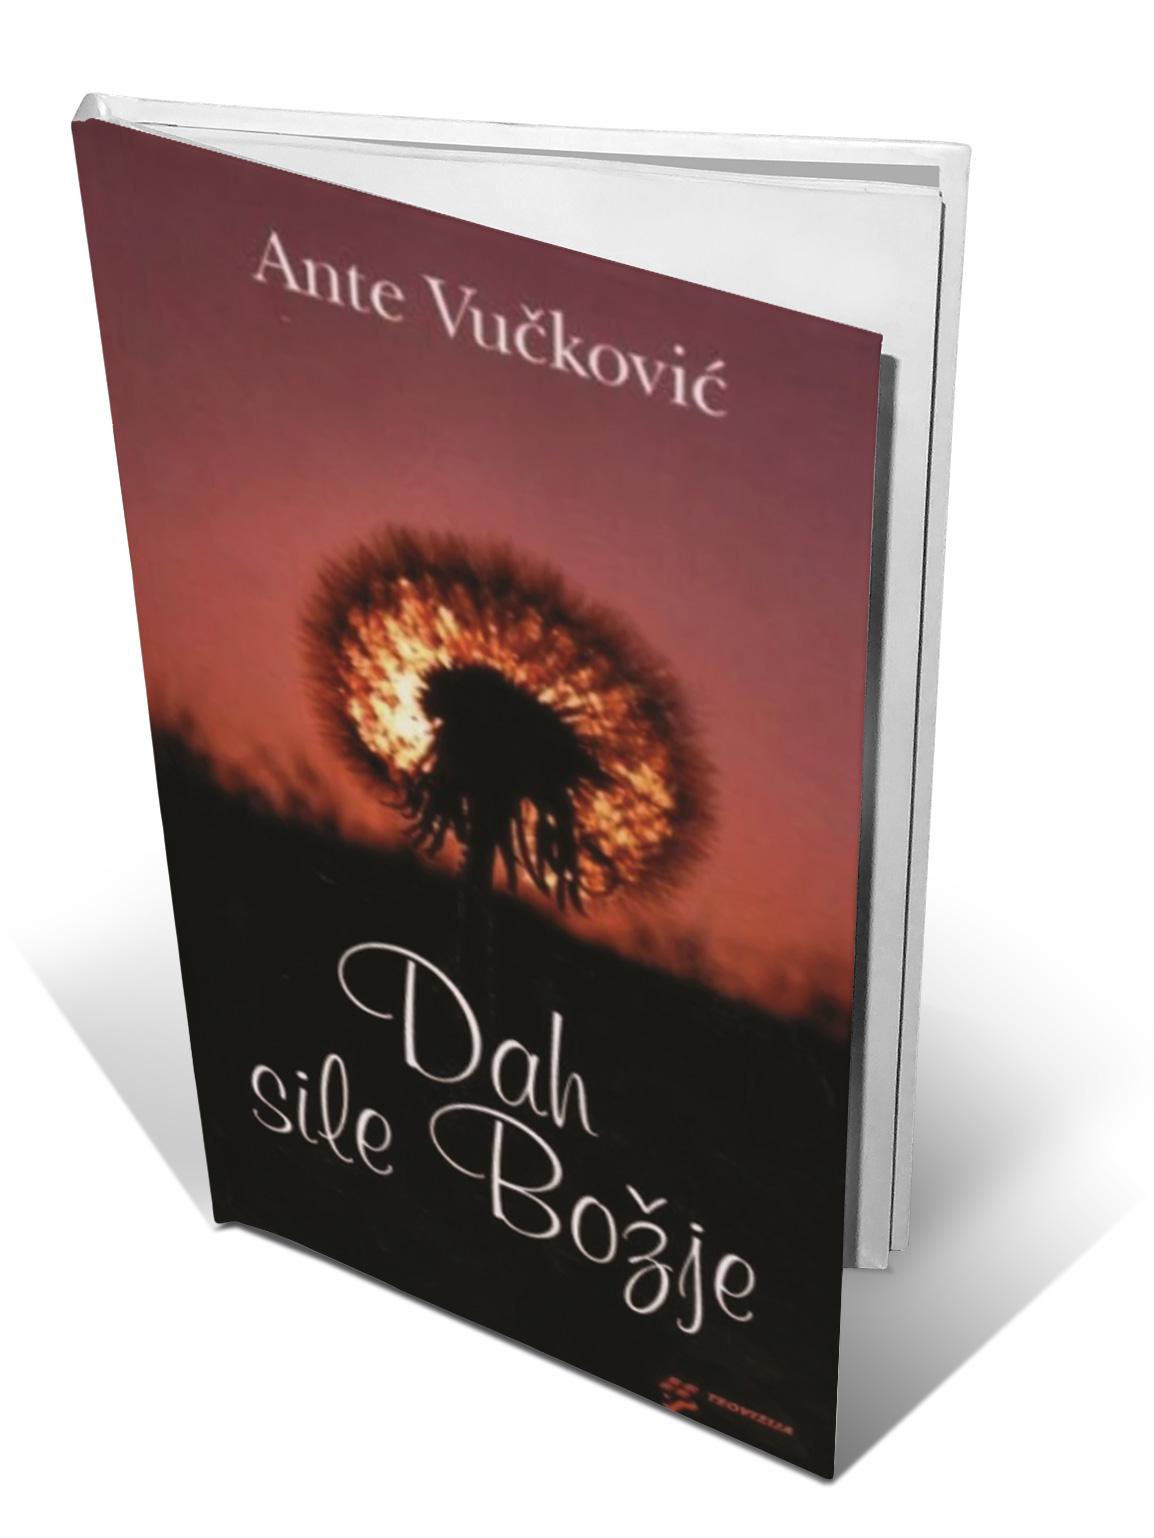 DAH SILE BOŽJE - Ante Vučković